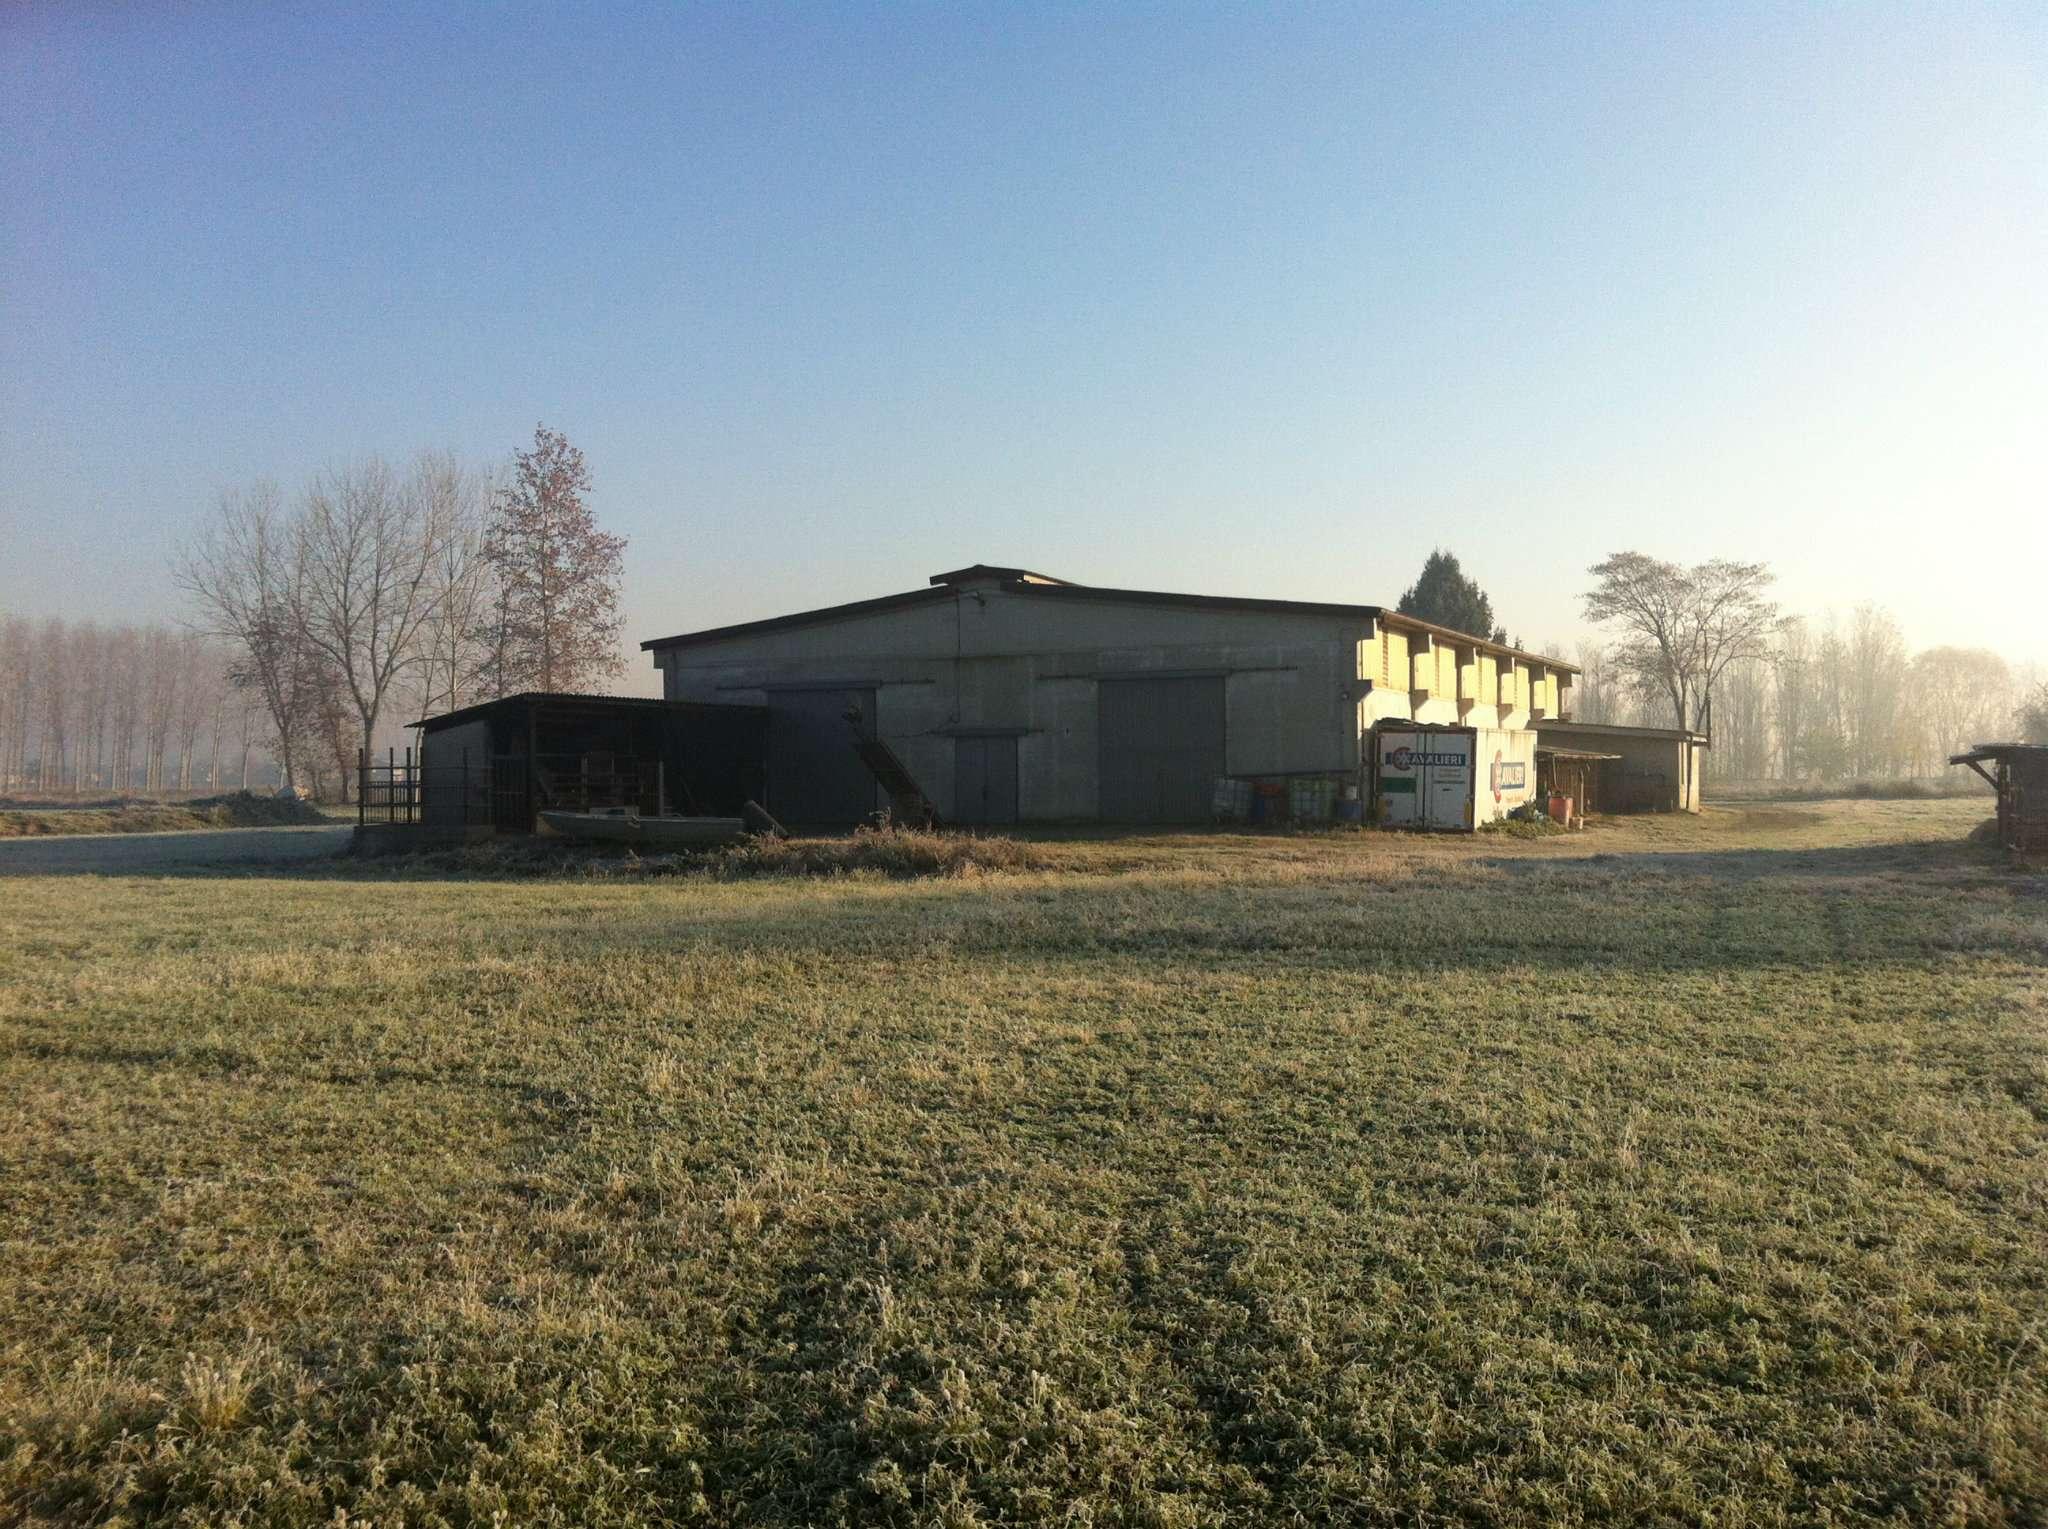 Terreno Agricolo in vendita a Crema, 1 locali, Trattative riservate | Cambio Casa.it